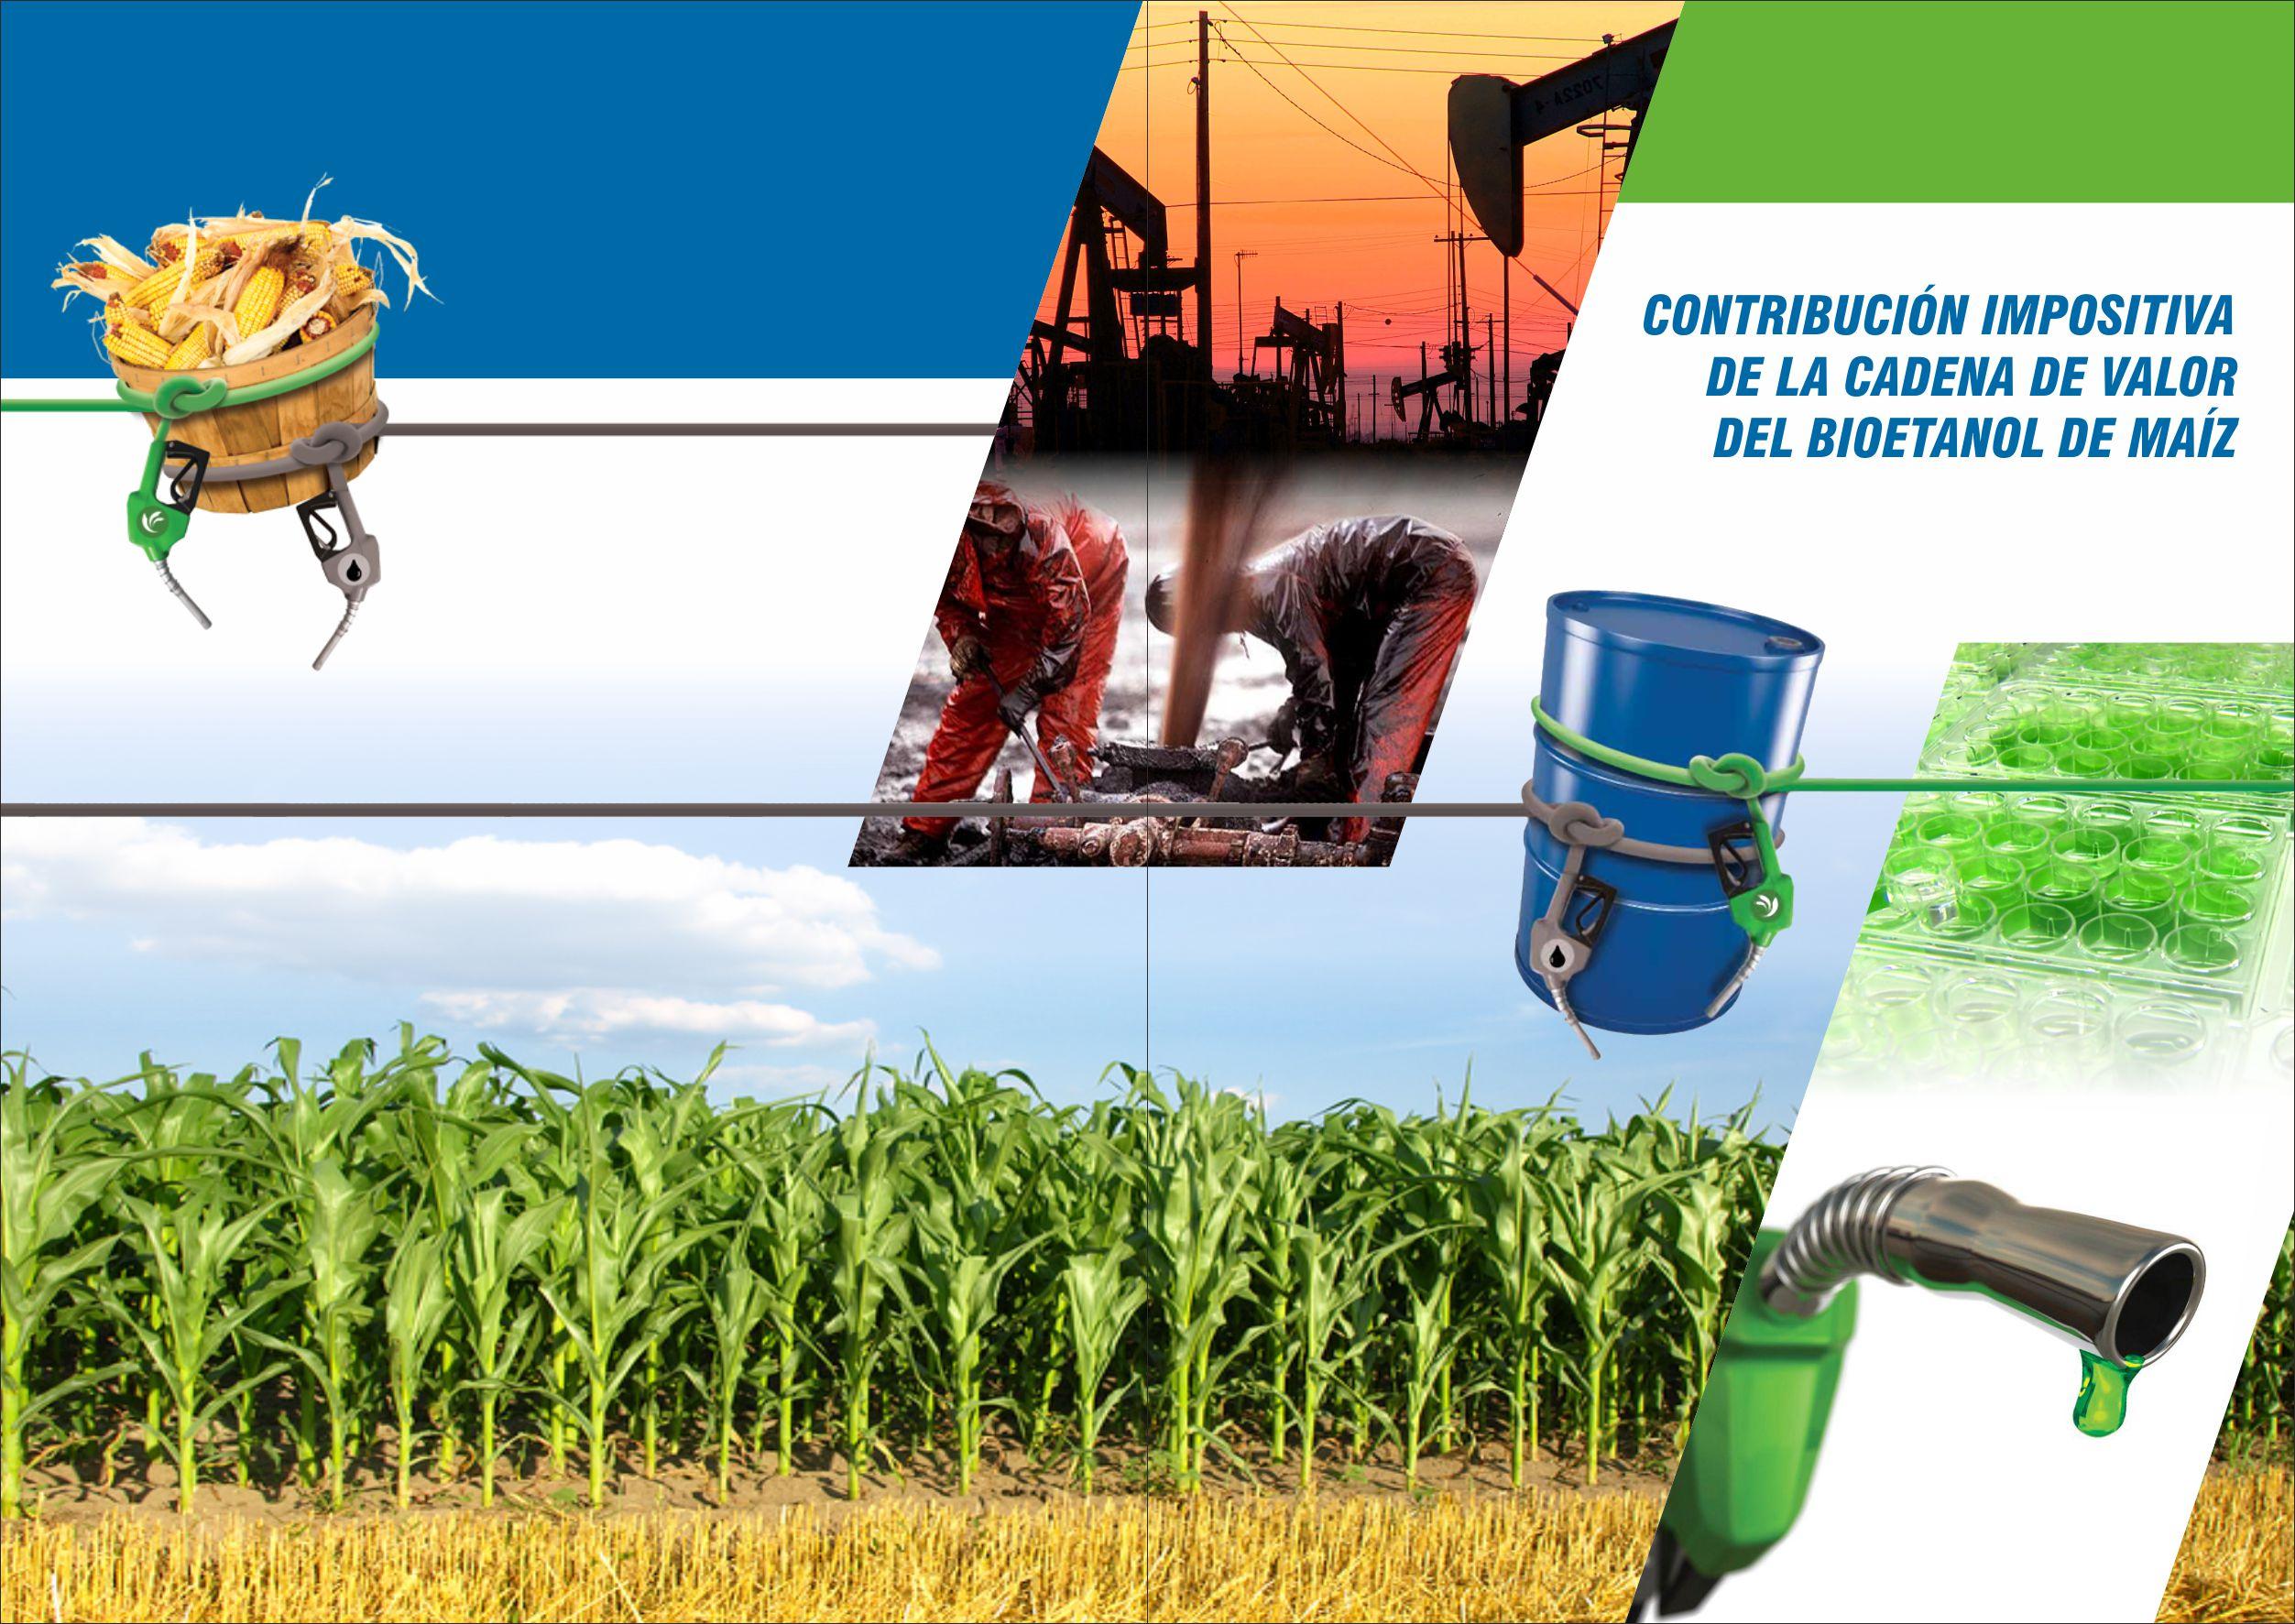 Contribución impositiva de la cadena de valor del bioetanol de maíz